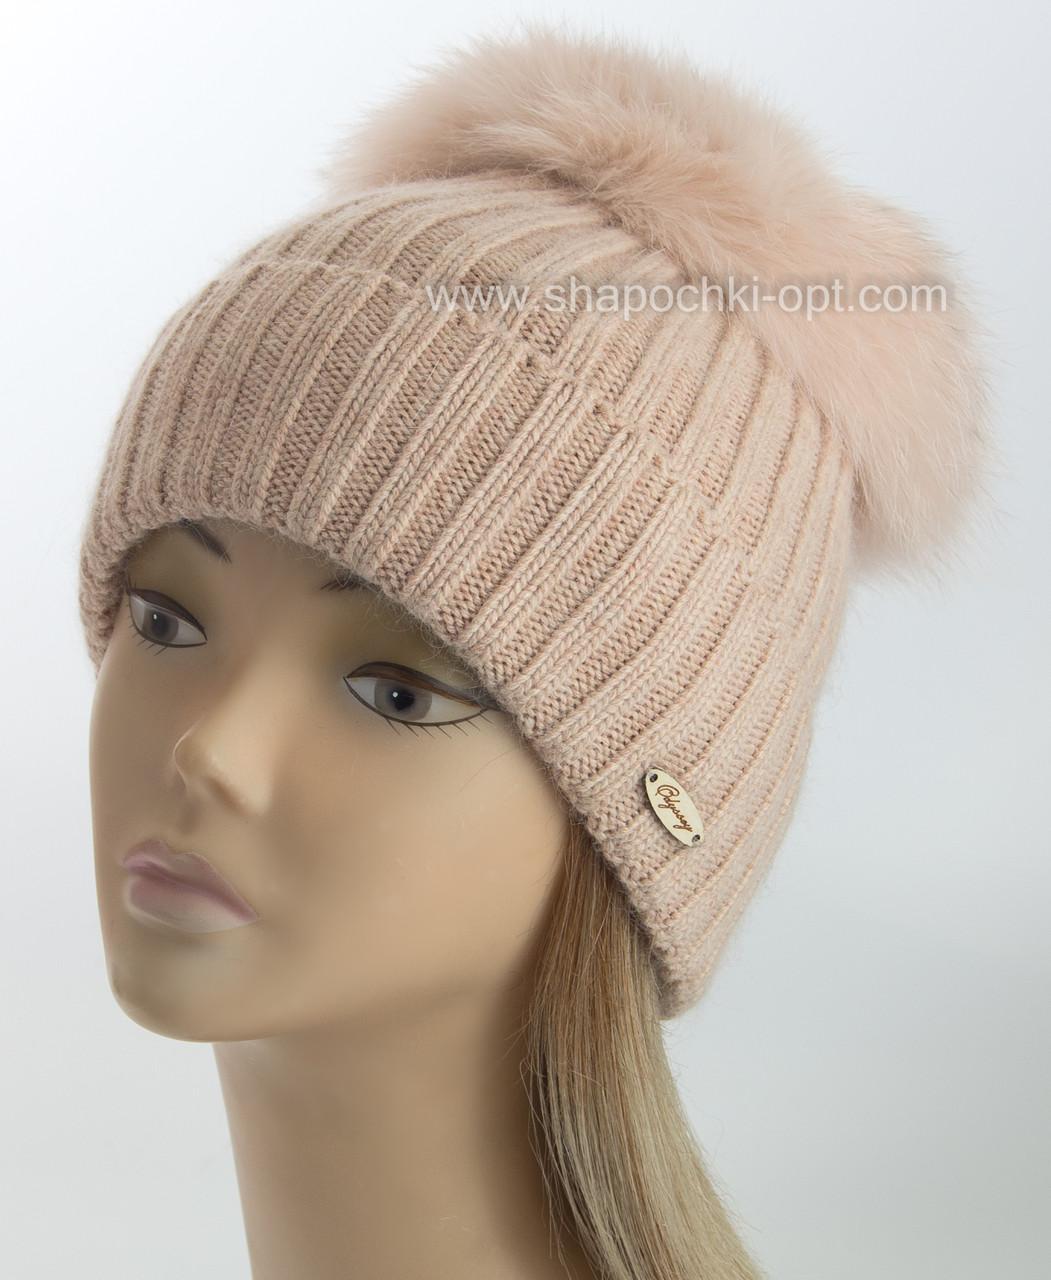 женская вязаная шапка эскимо цвет жемчуг продажа цена в одессе